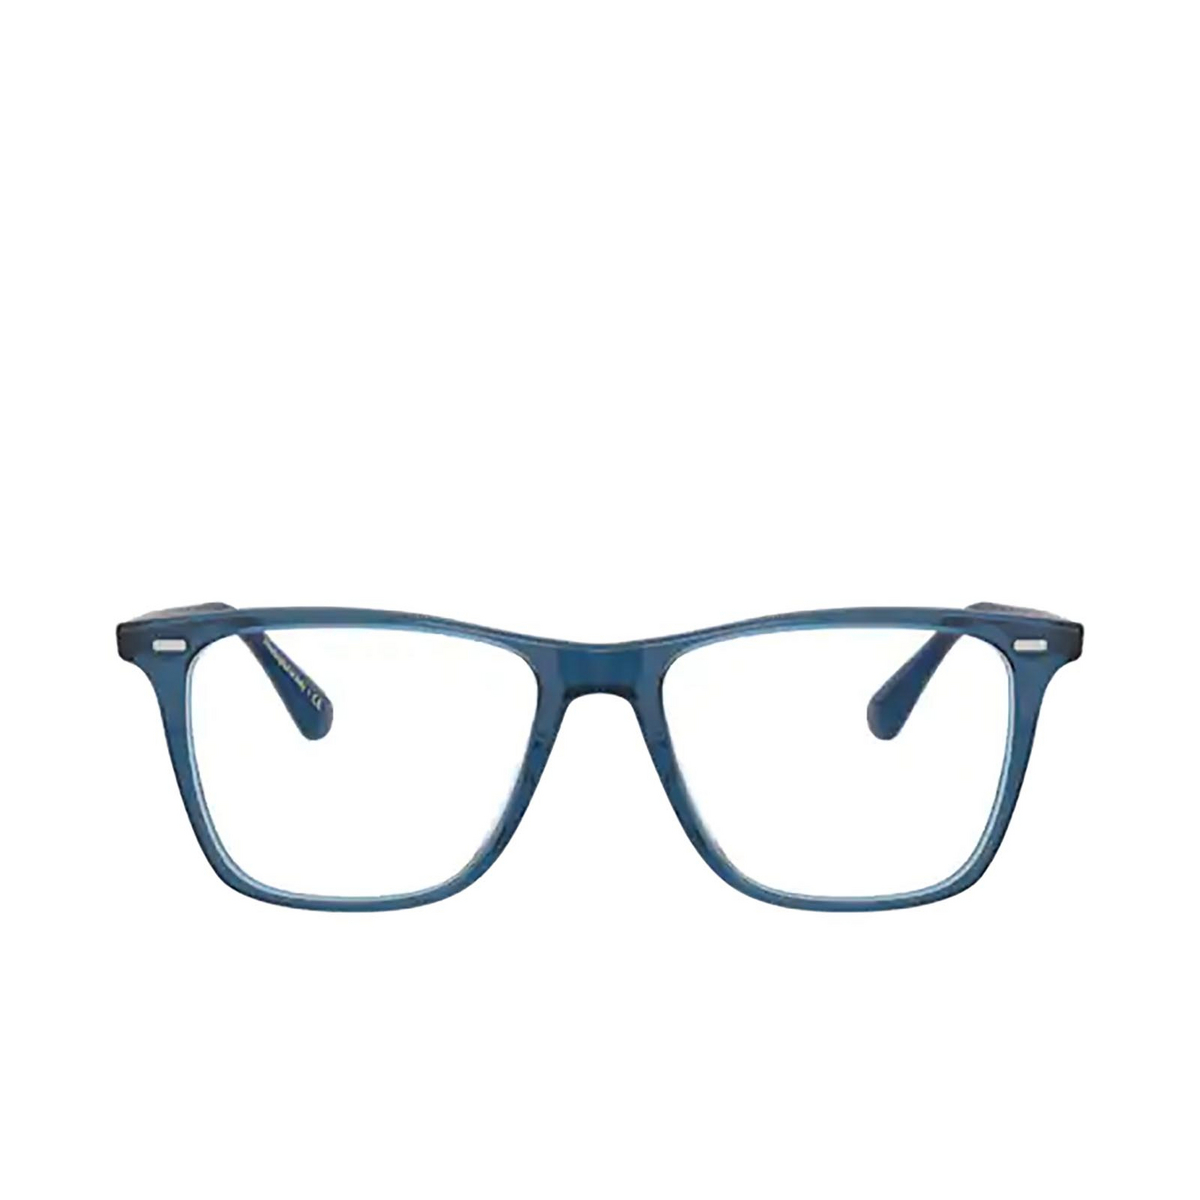 Oliver Peoples® Square Eyeglasses: Ollis OV5437U color Deep Blue 1670 - front view.